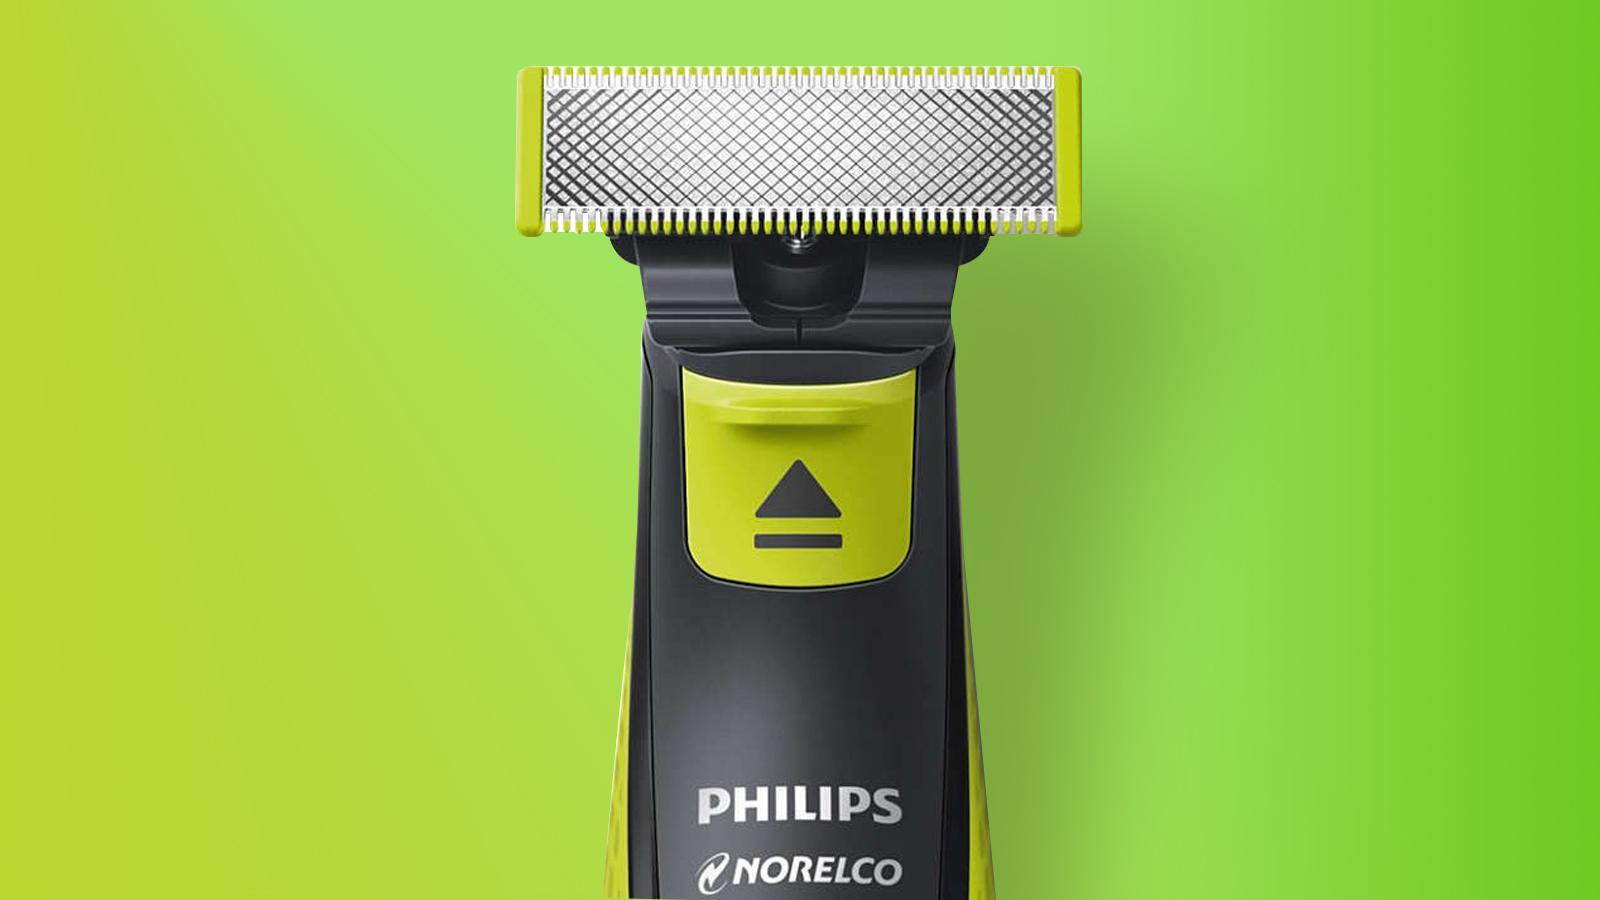 Así es la maquinilla de afeitar Philips One Blade 772ad514e180